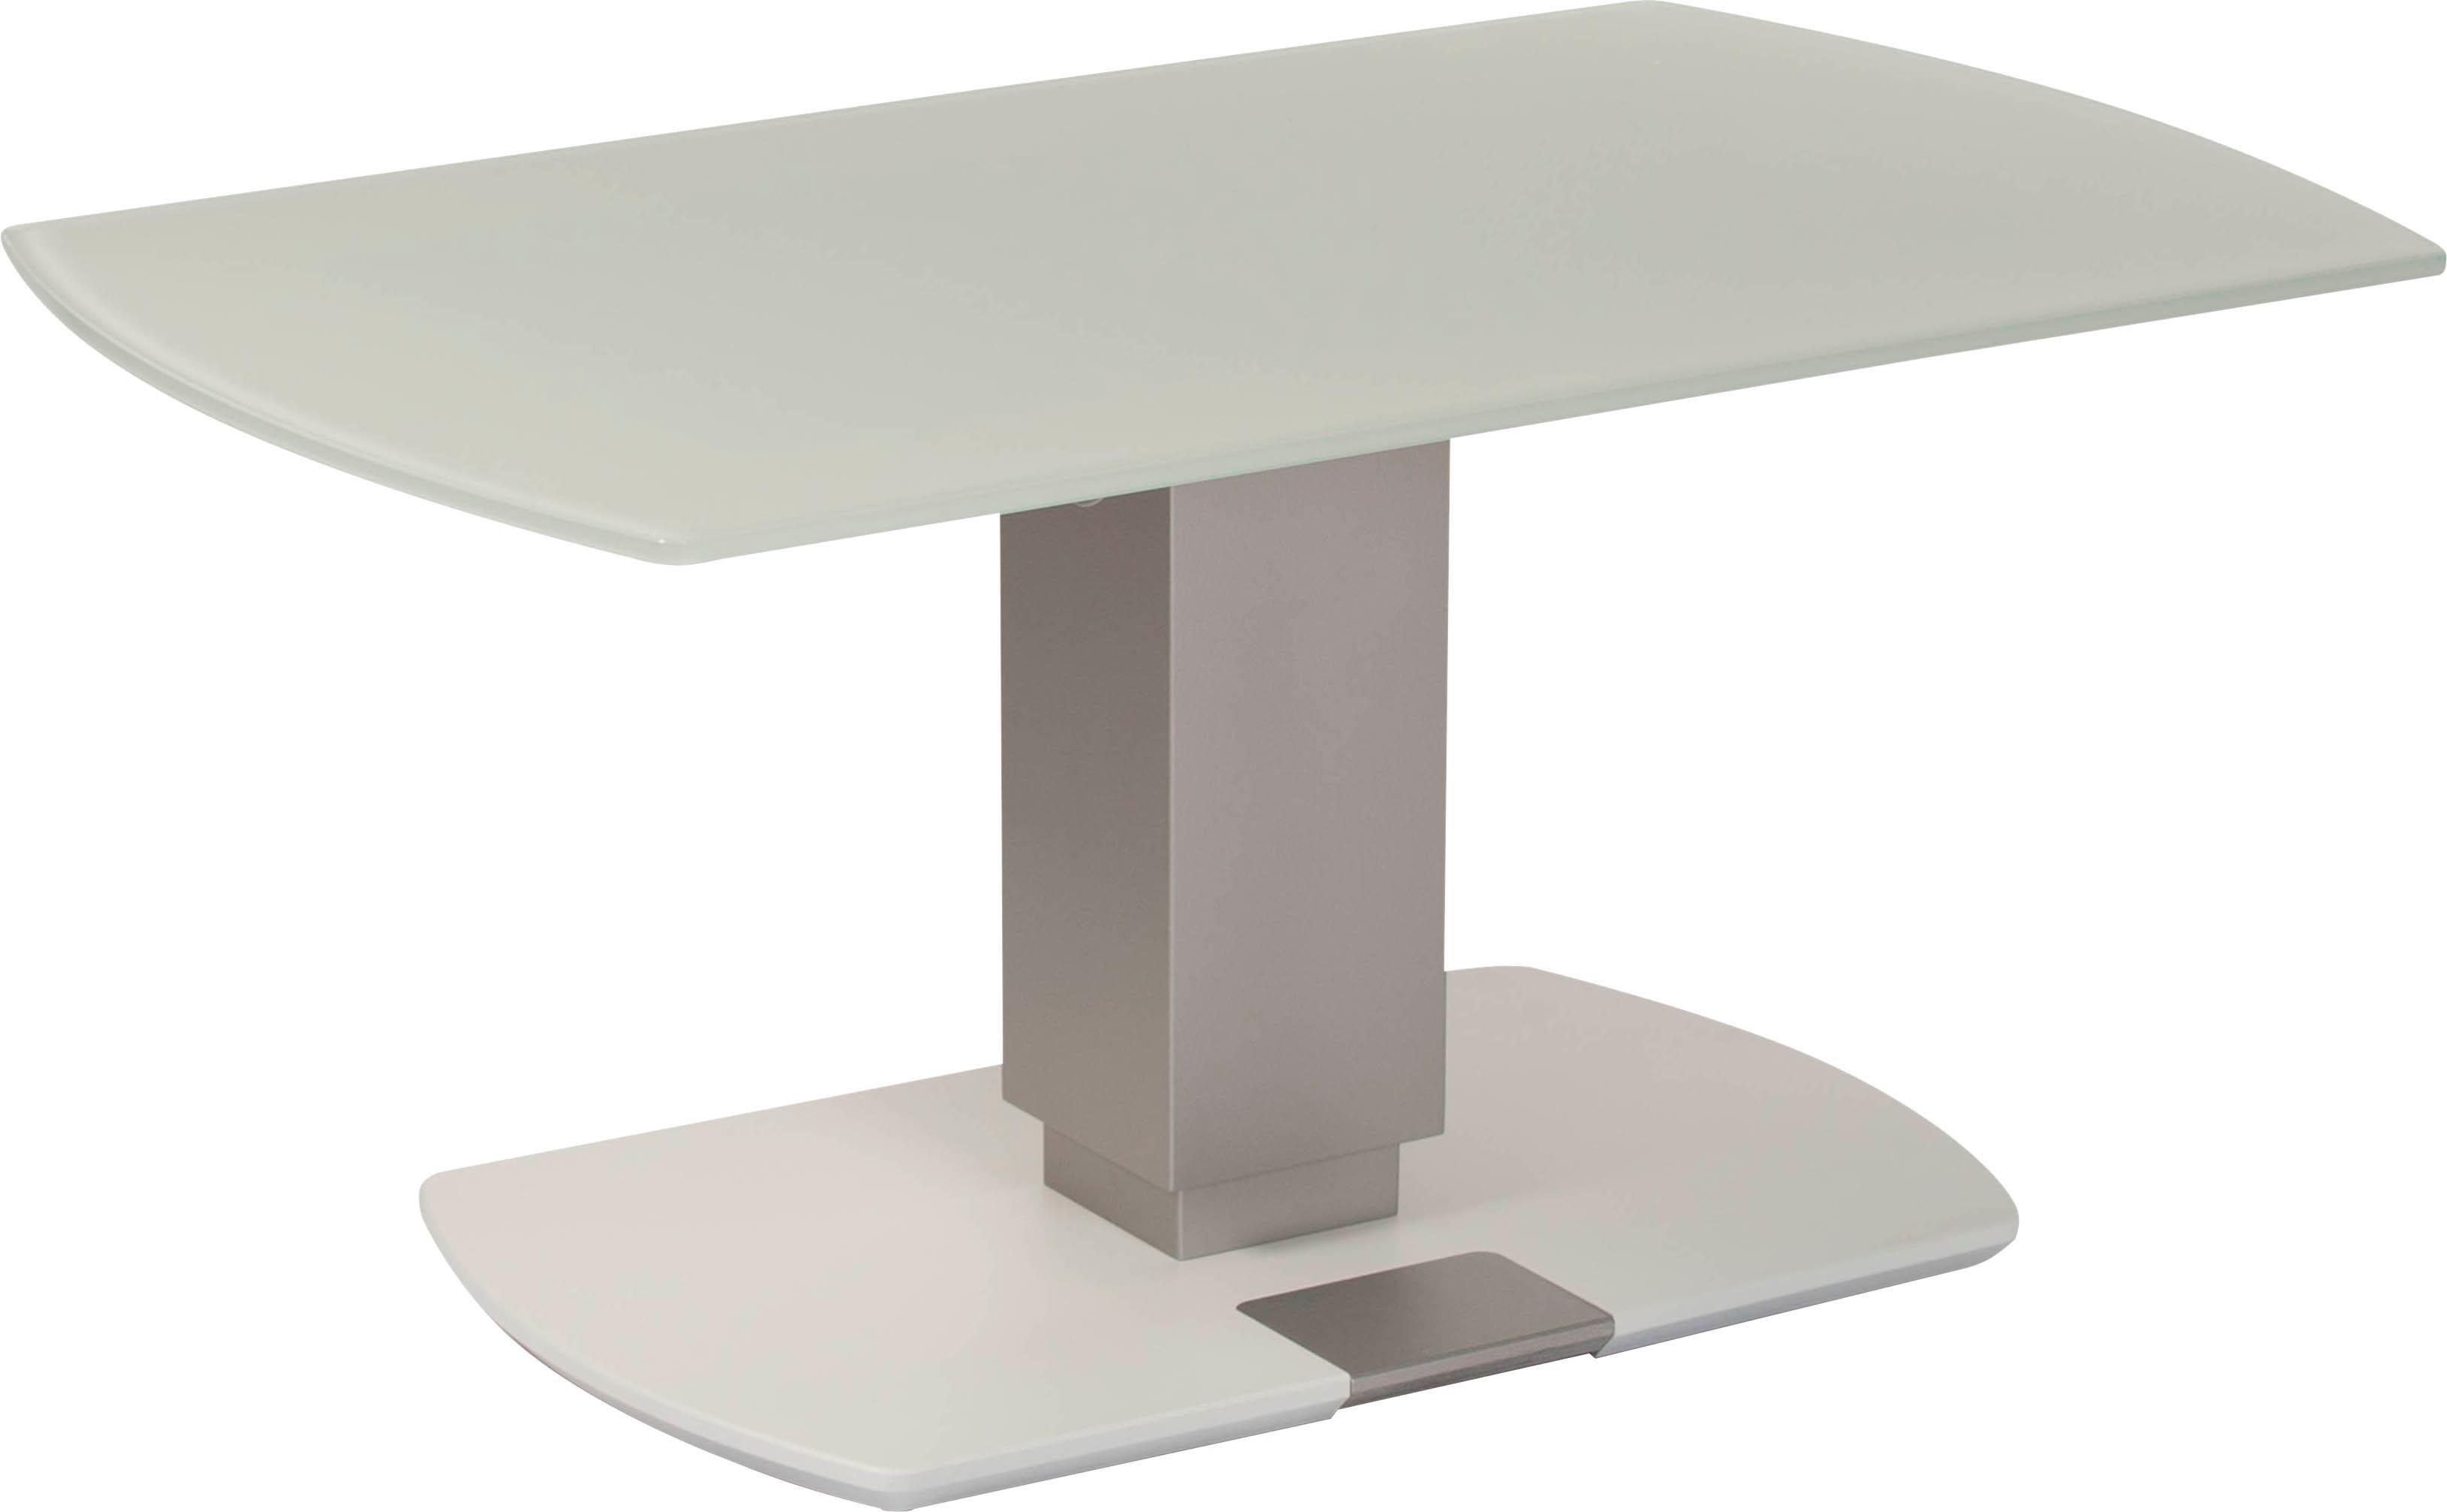 Vierhaus salontafel op wieltjes, in hoogte verstelbaar nu online bestellen